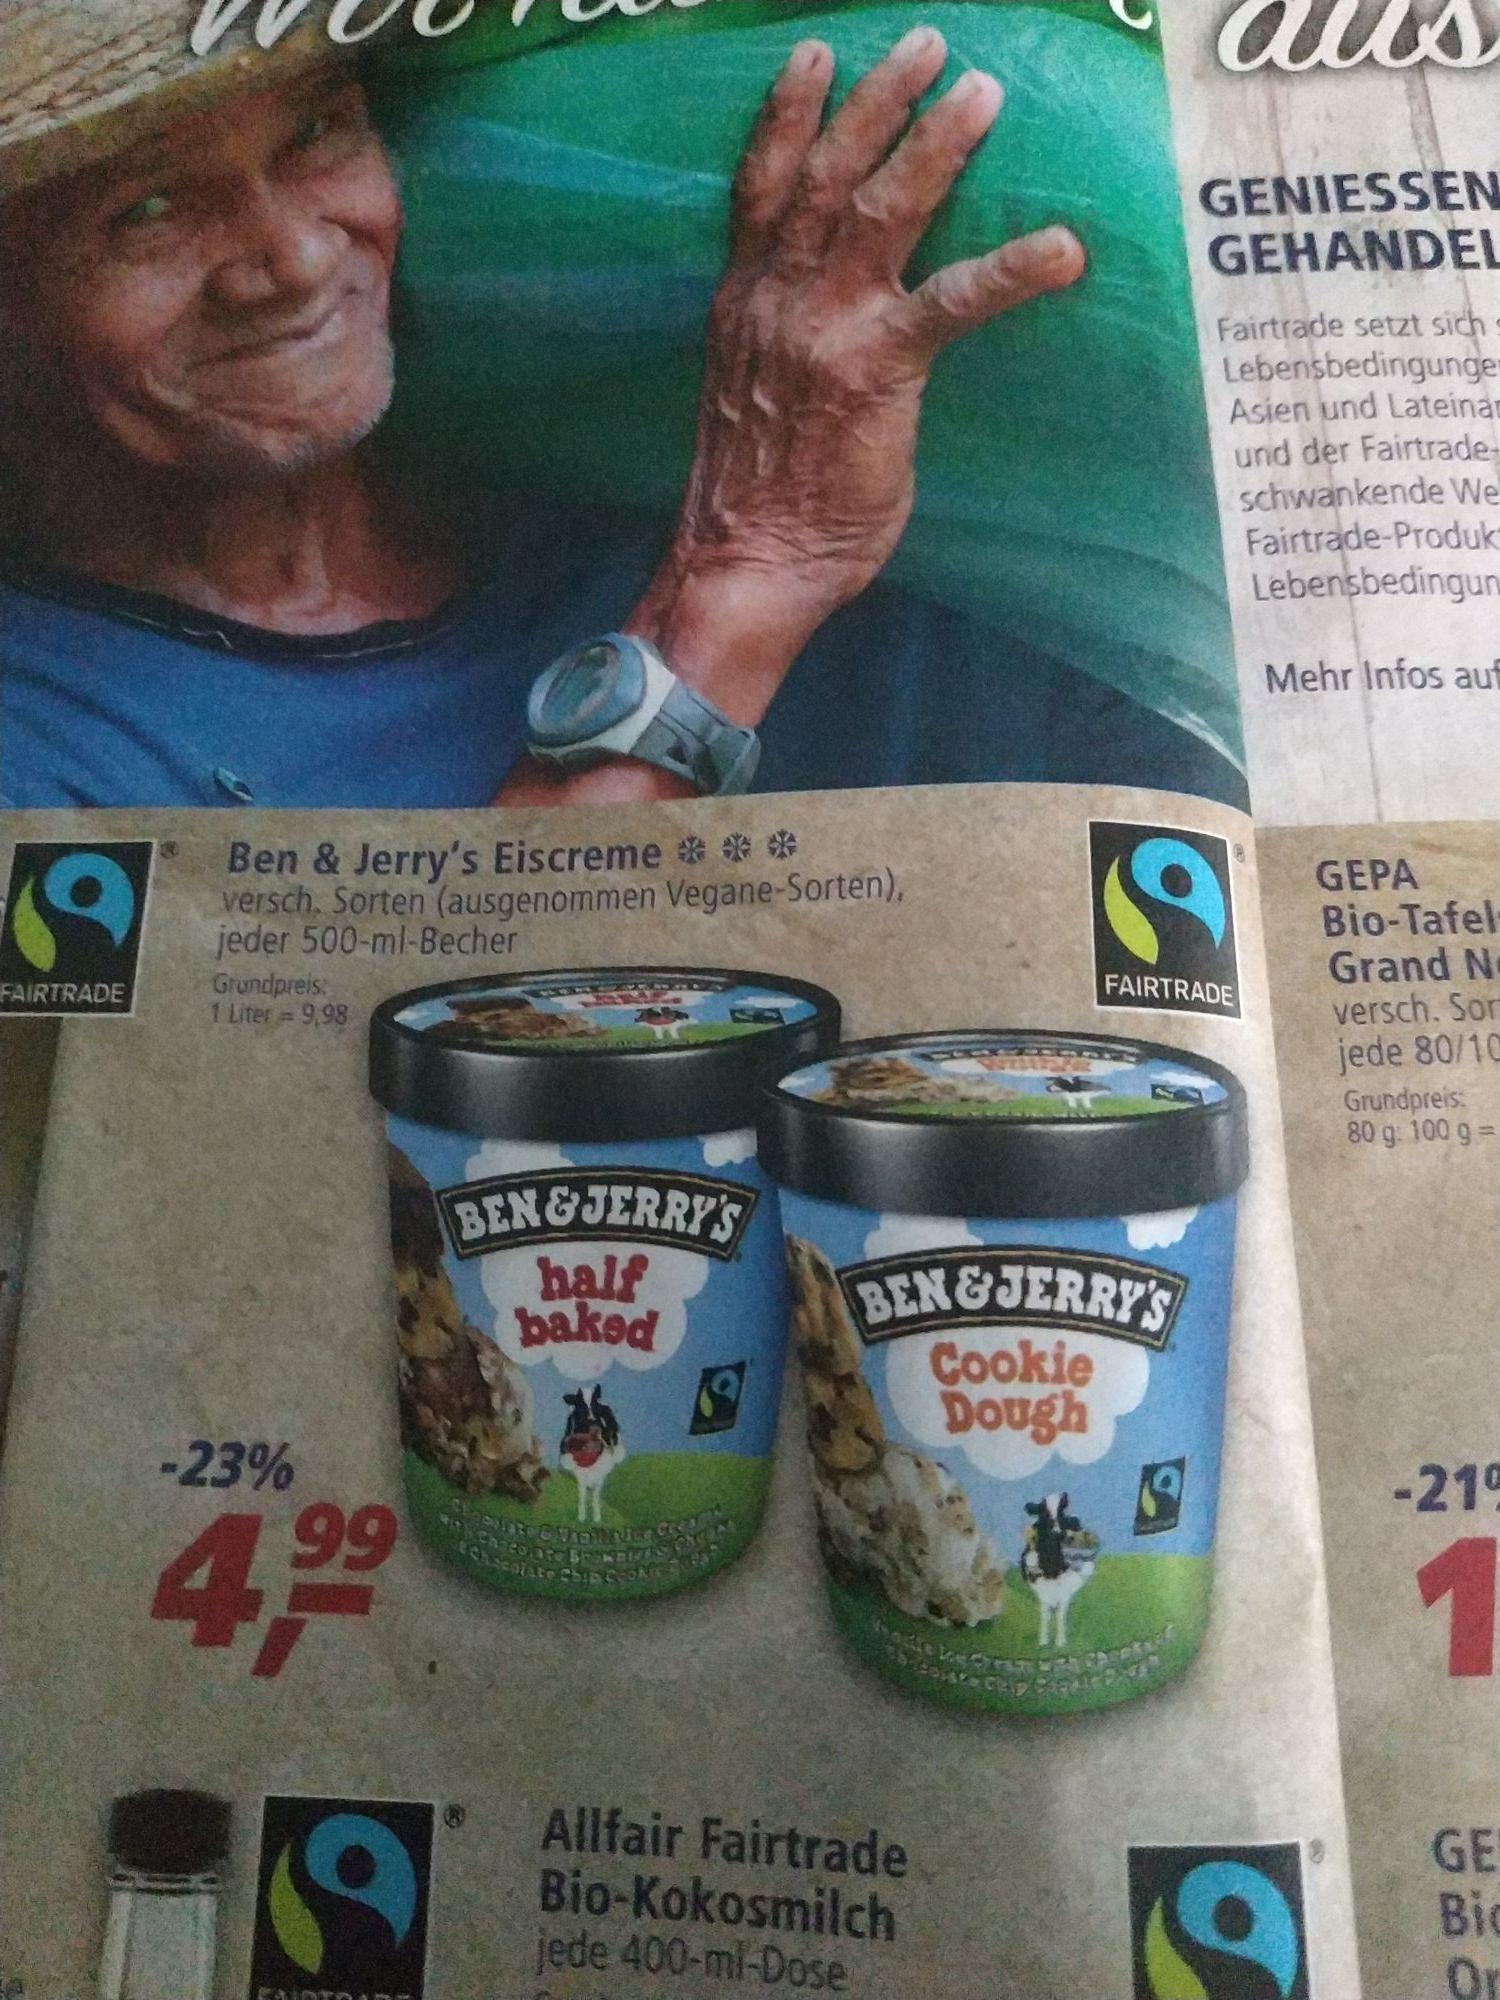 Ben & Jerry's Eis verschiedene Sorten